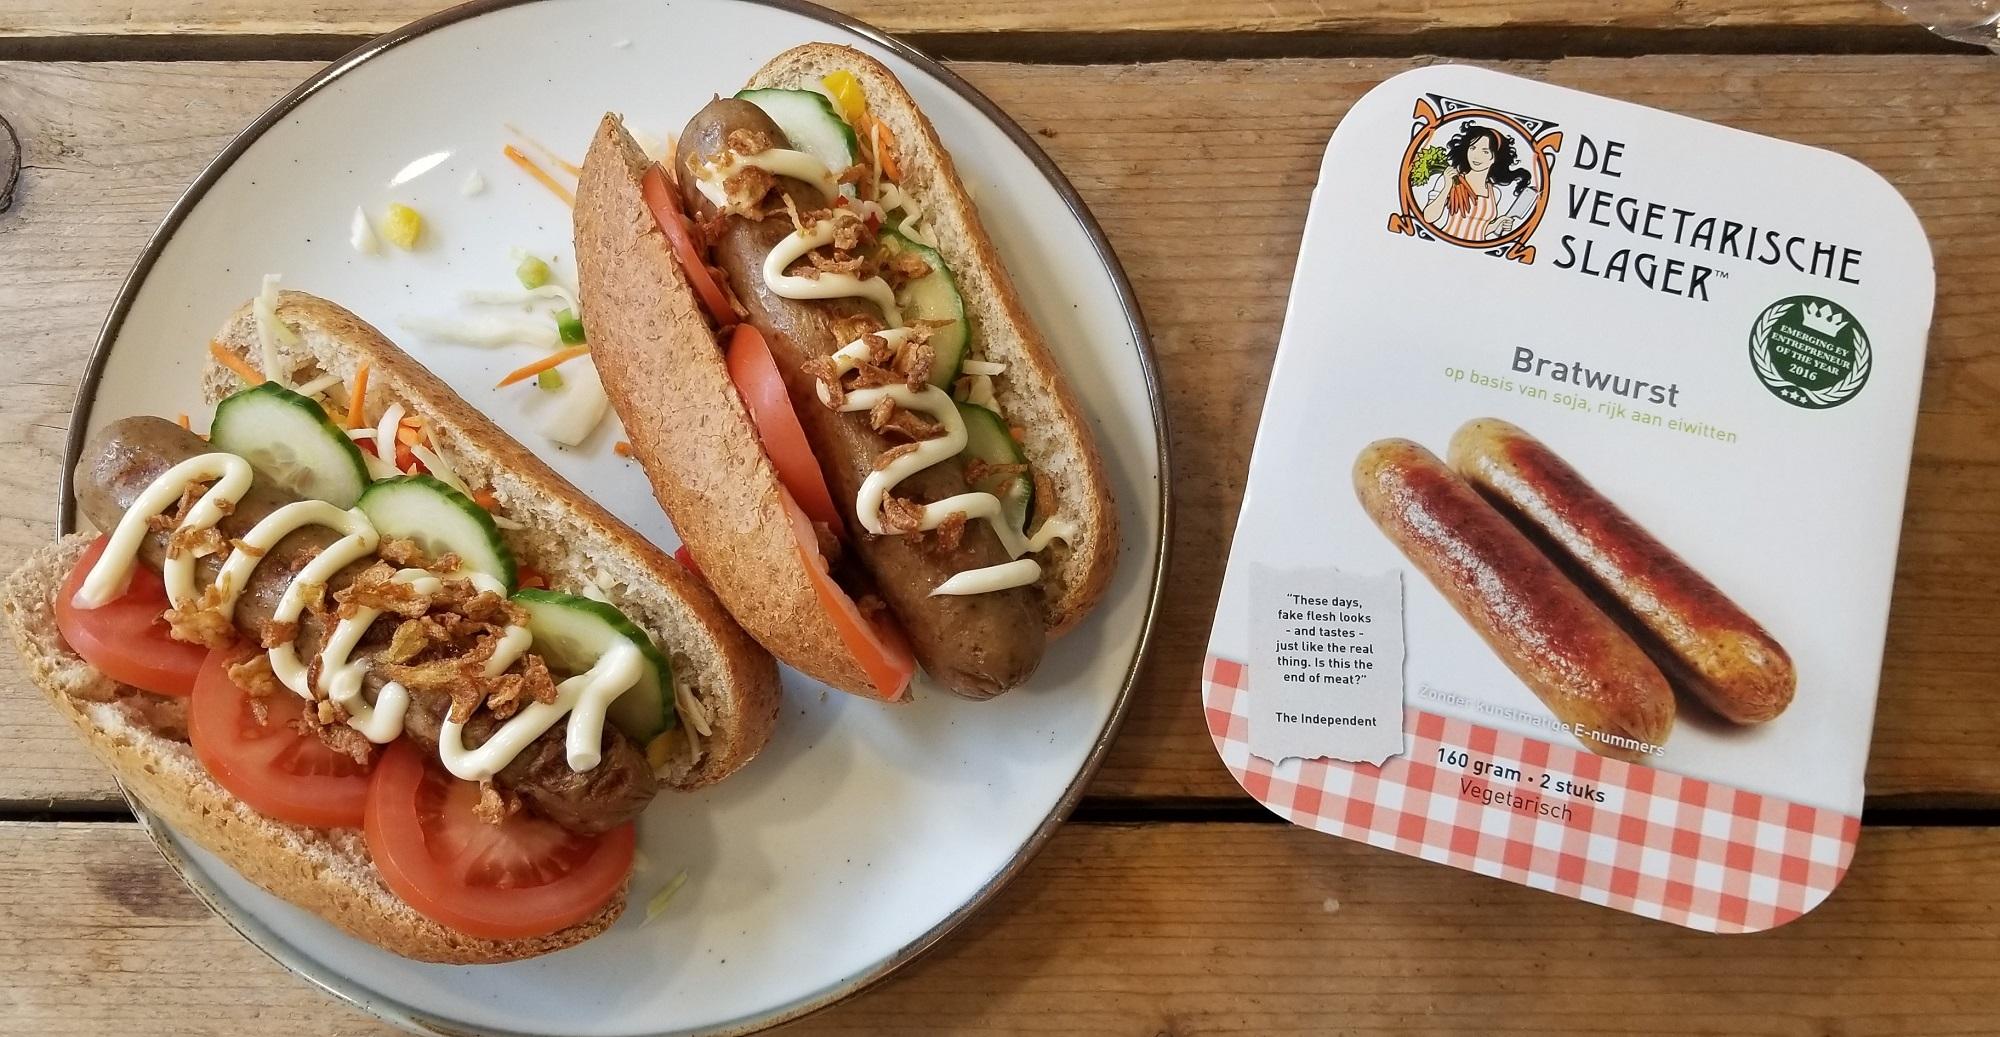 Gezonde hotdogs Vegetarische Slager Bratwurst